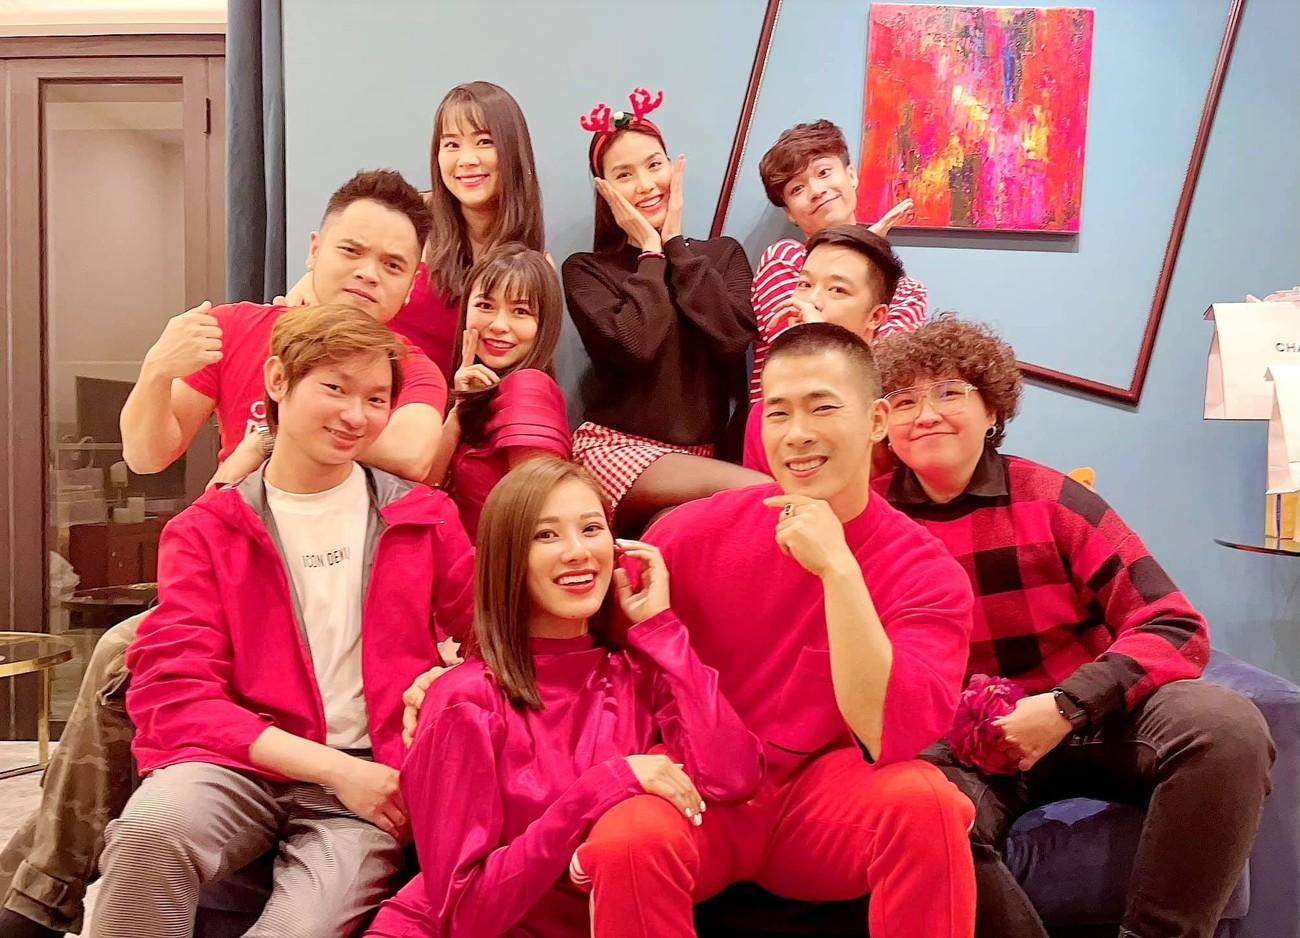 Tiểu Vy, Hà Kiều Anh và dàn hậu diện váy đỏ rực khoe dáng nóng bỏng đêm Giáng Sinh ảnh 19